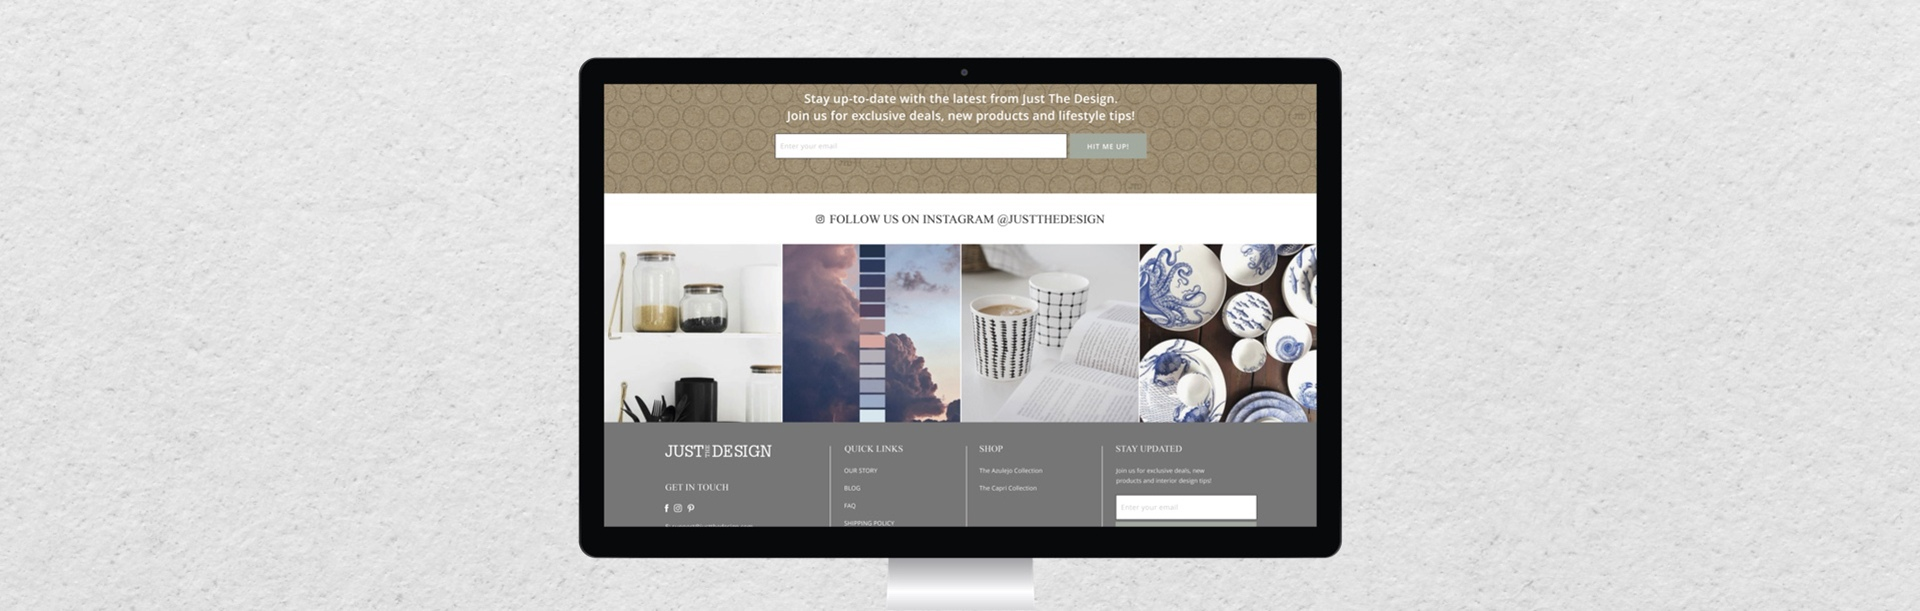 Homewares_brand_identity_by_Designbite_banner_2